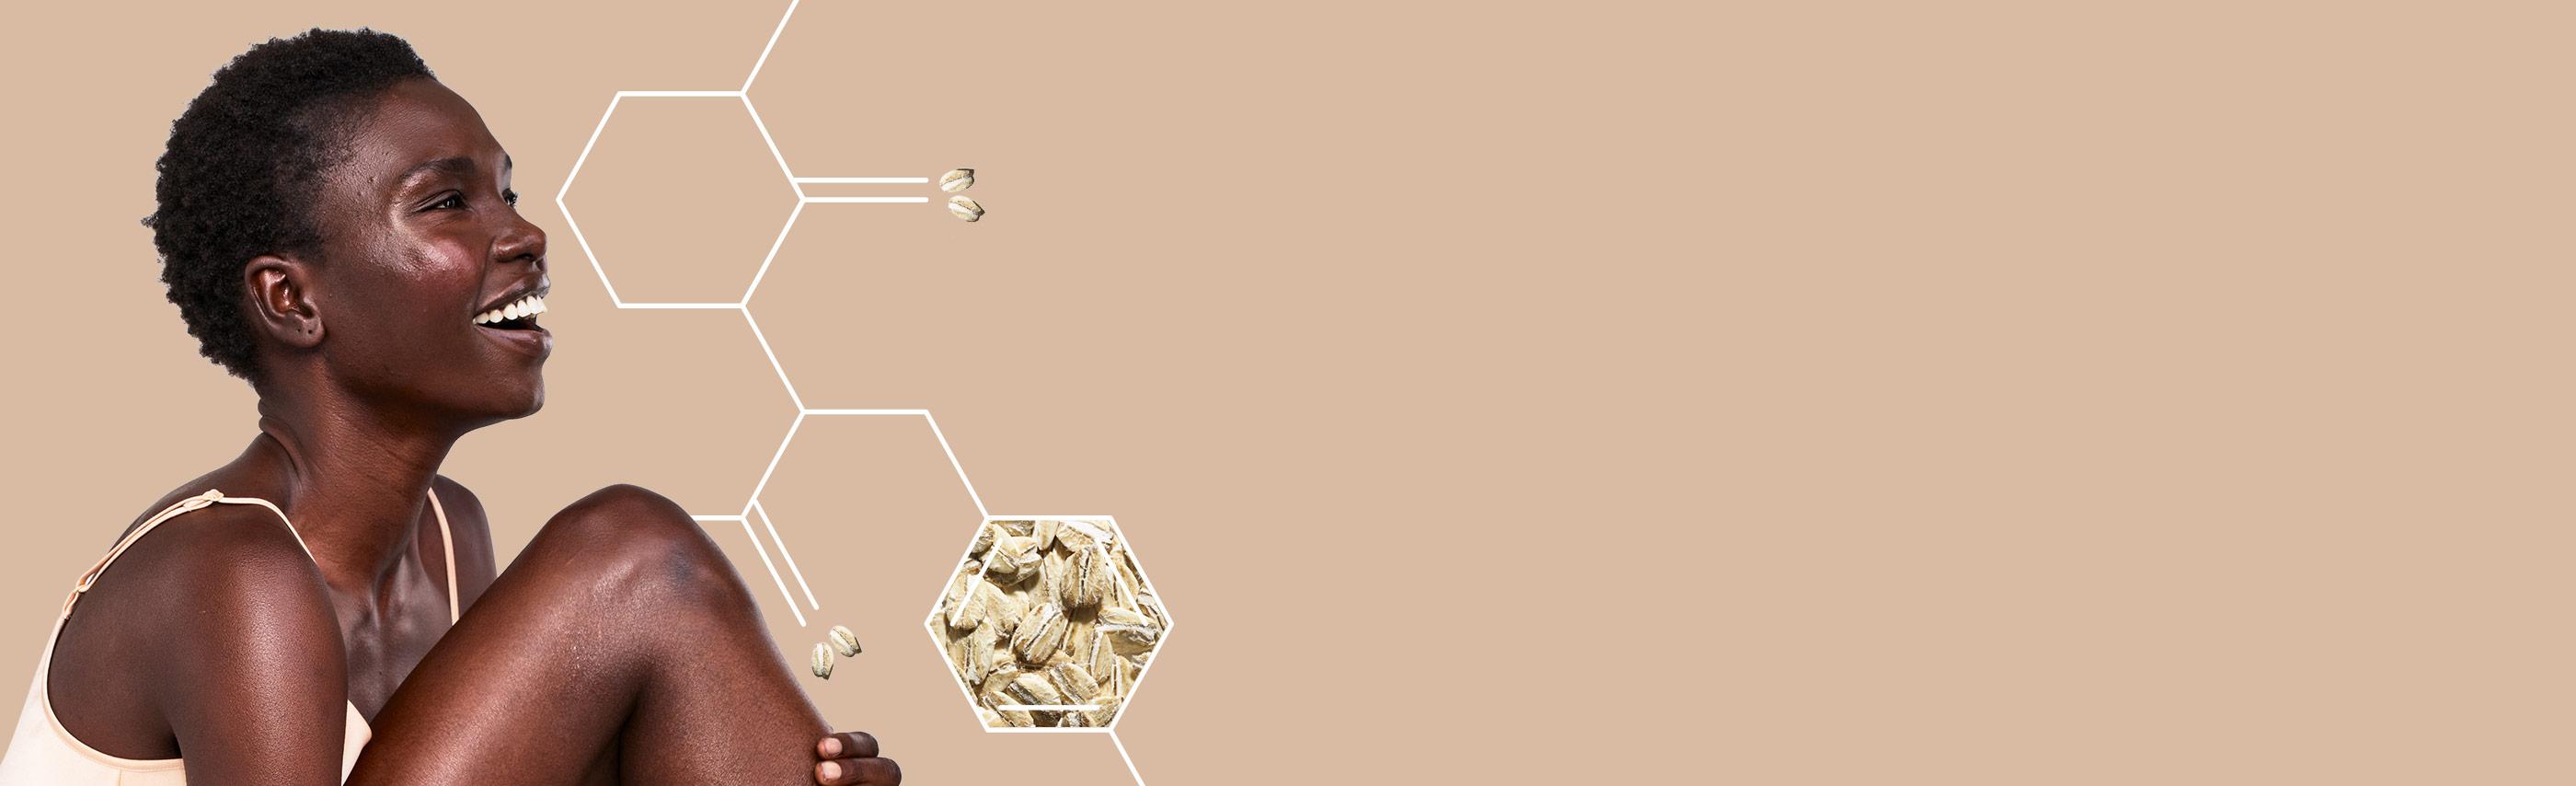 ทางออกของปัญหาผิว และมอยส์เจอไรเซอร์สำหรับผิวแห้งโดยเฉพาะ